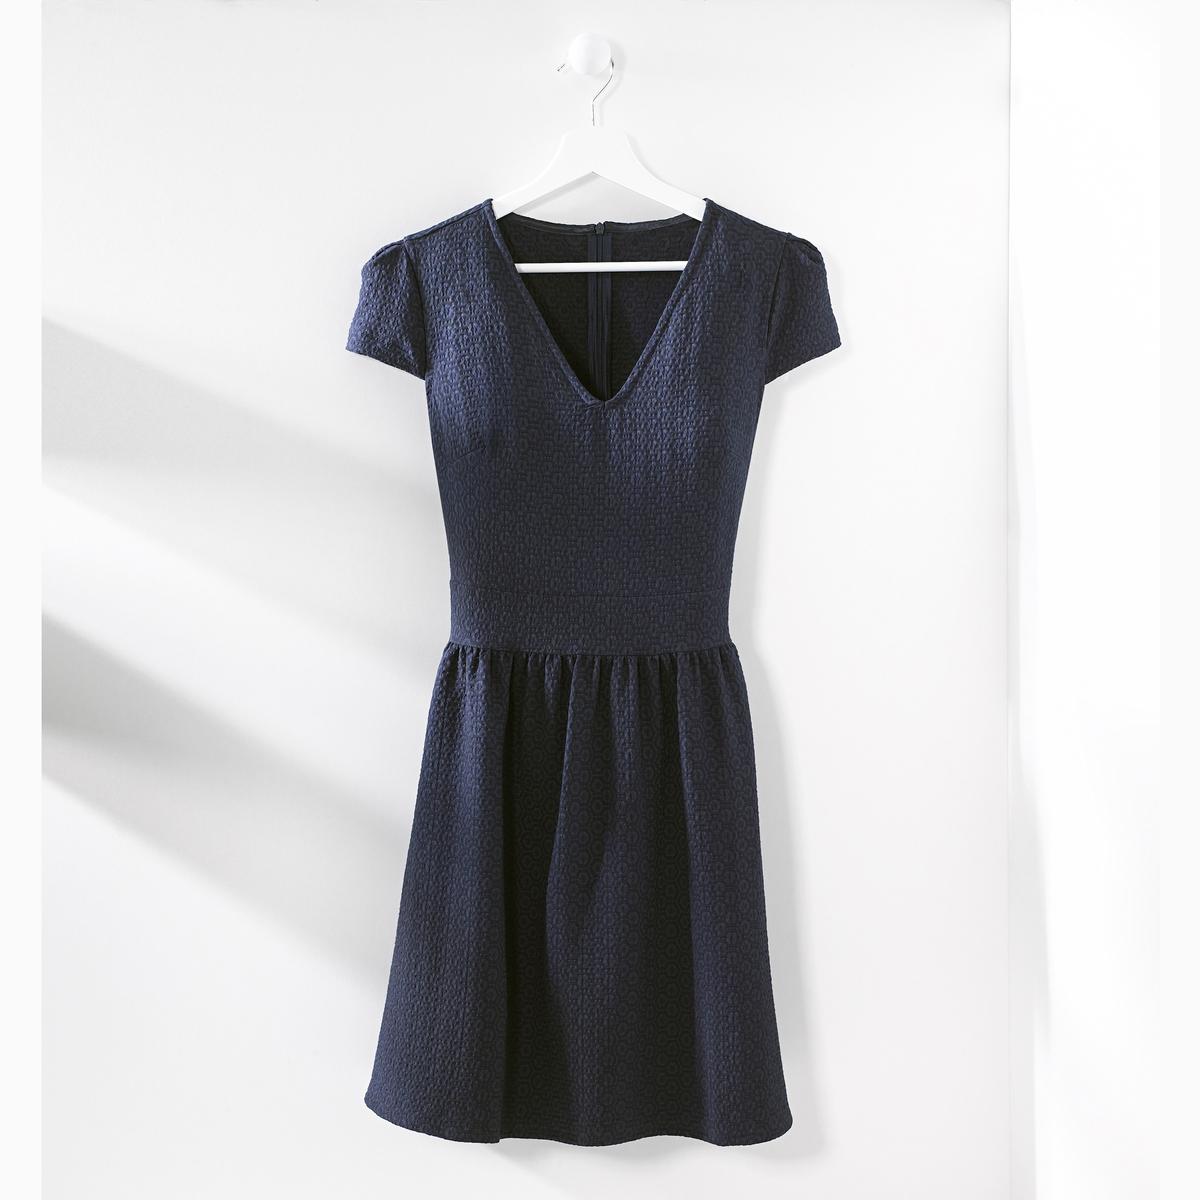 Платье жаккардовоеЖаккардовое платье с геометрическим структурным рисунком в тон. Короткие рукава. V-образный вырез спереди. Отрезное по талии, подчеркнуто складками. Потайная застежка на молнию сзади. Состав и описание Материал : 51% вискозы, 46% полиэстера, 3% эластанаДлина : 90 смУходМашинная стирка при 30 °C с вещами схожих цветовСтирать и гладить с изнаночной стороны Машинная сушка в умеренном режиме Гладить при низкой температуре<br><br>Цвет: зеленый,темно-синий<br>Размер: 44 (FR) - 50 (RUS).42 (FR) - 48 (RUS).40 (FR) - 46 (RUS).38 (FR) - 44 (RUS).44 (FR) - 50 (RUS).42 (FR) - 48 (RUS).40 (FR) - 46 (RUS)